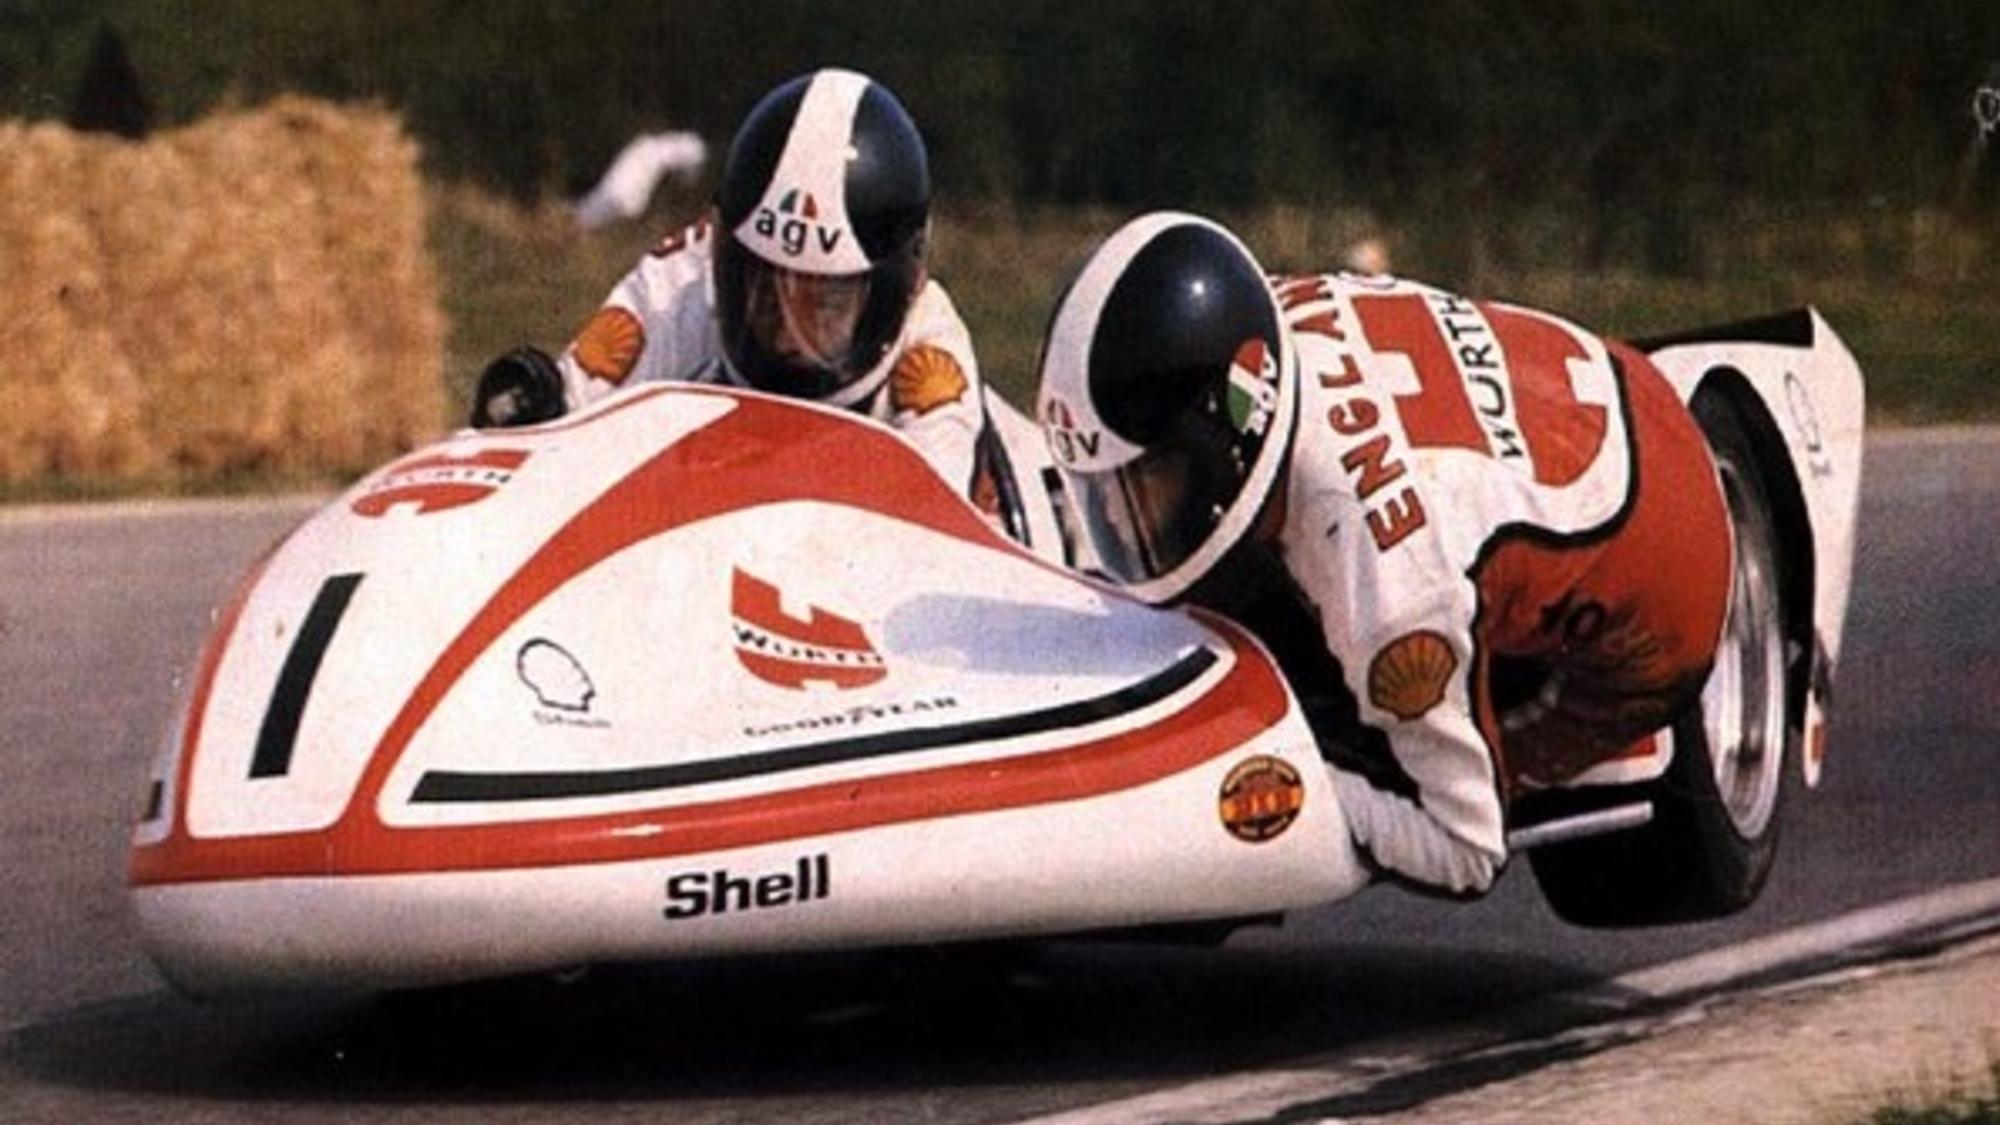 1977 world side car champion George O'Dell